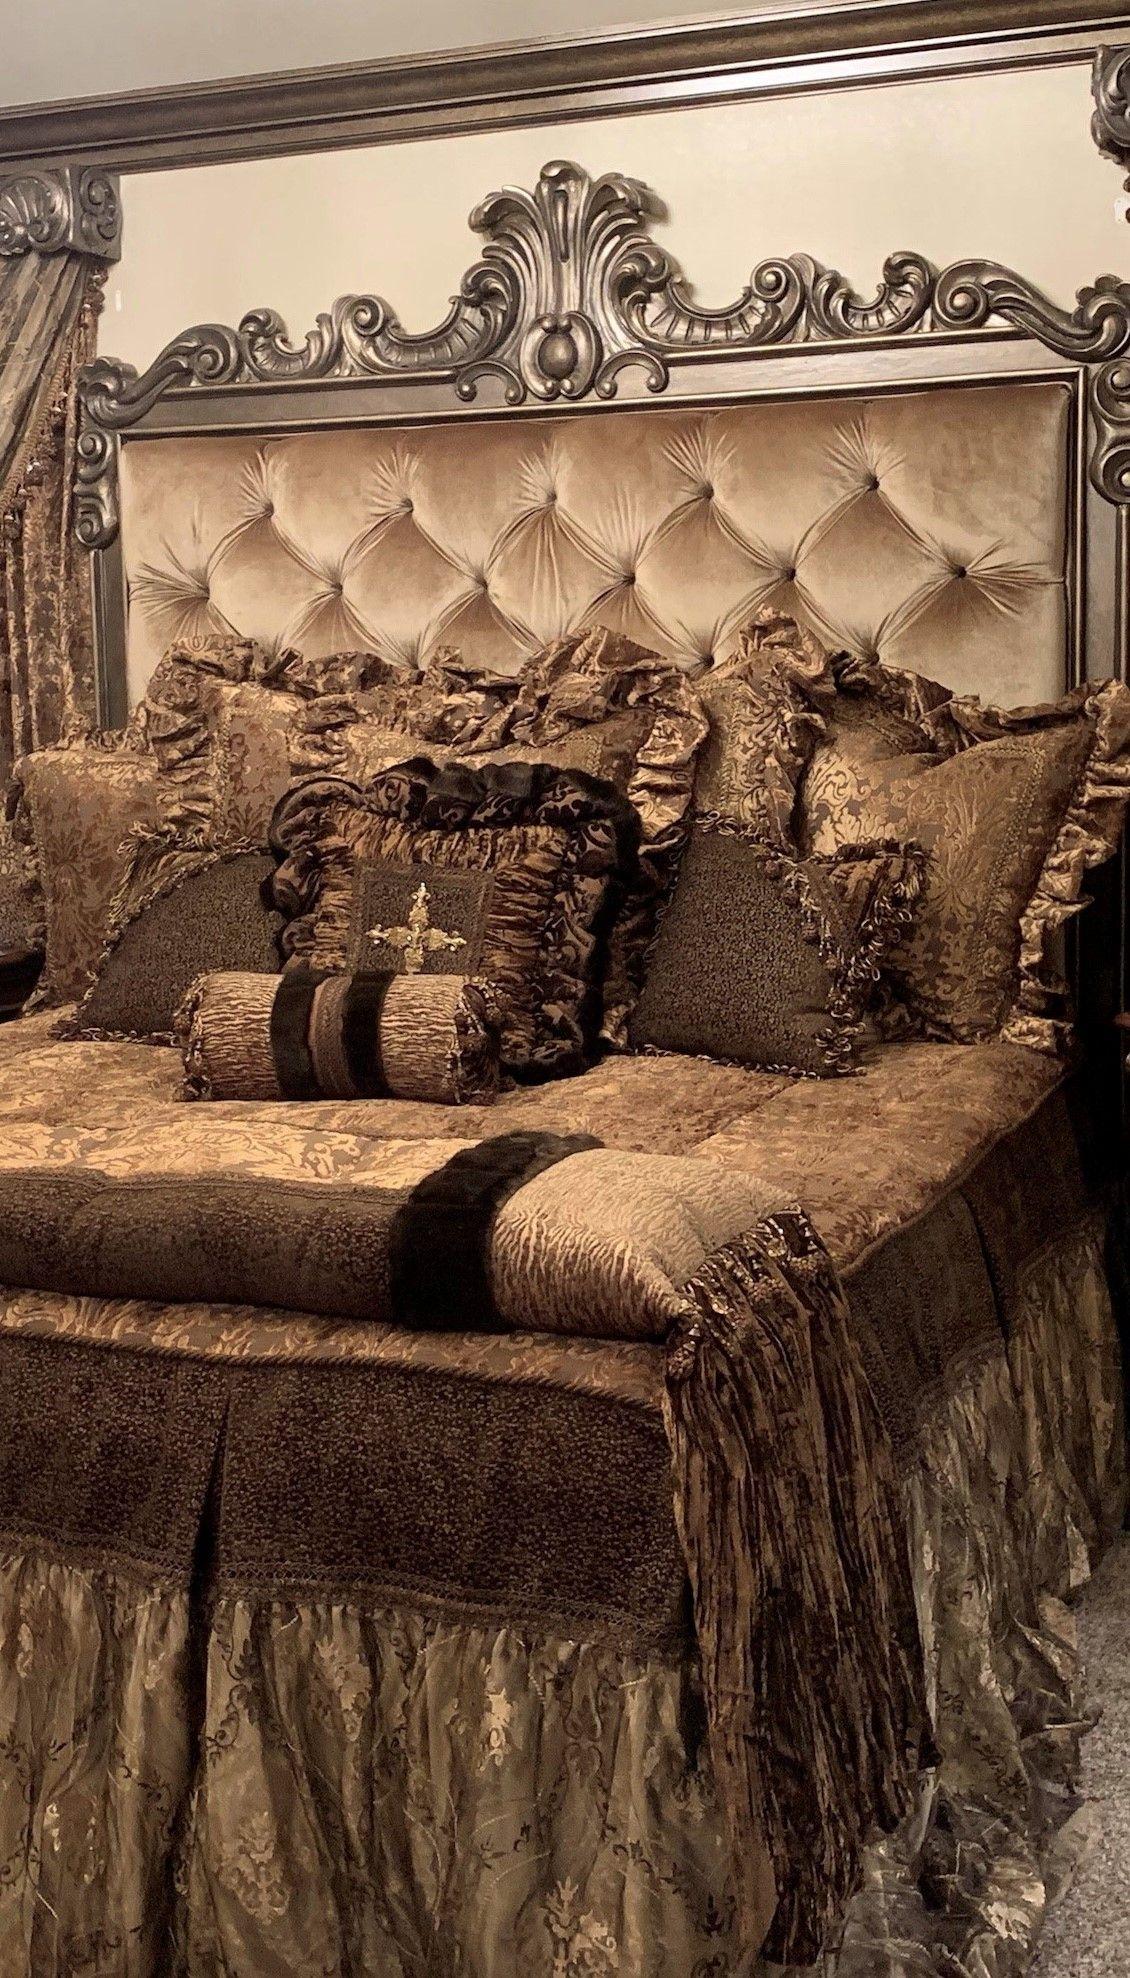 Photo of Elegant Draperies and Luxury Bedding